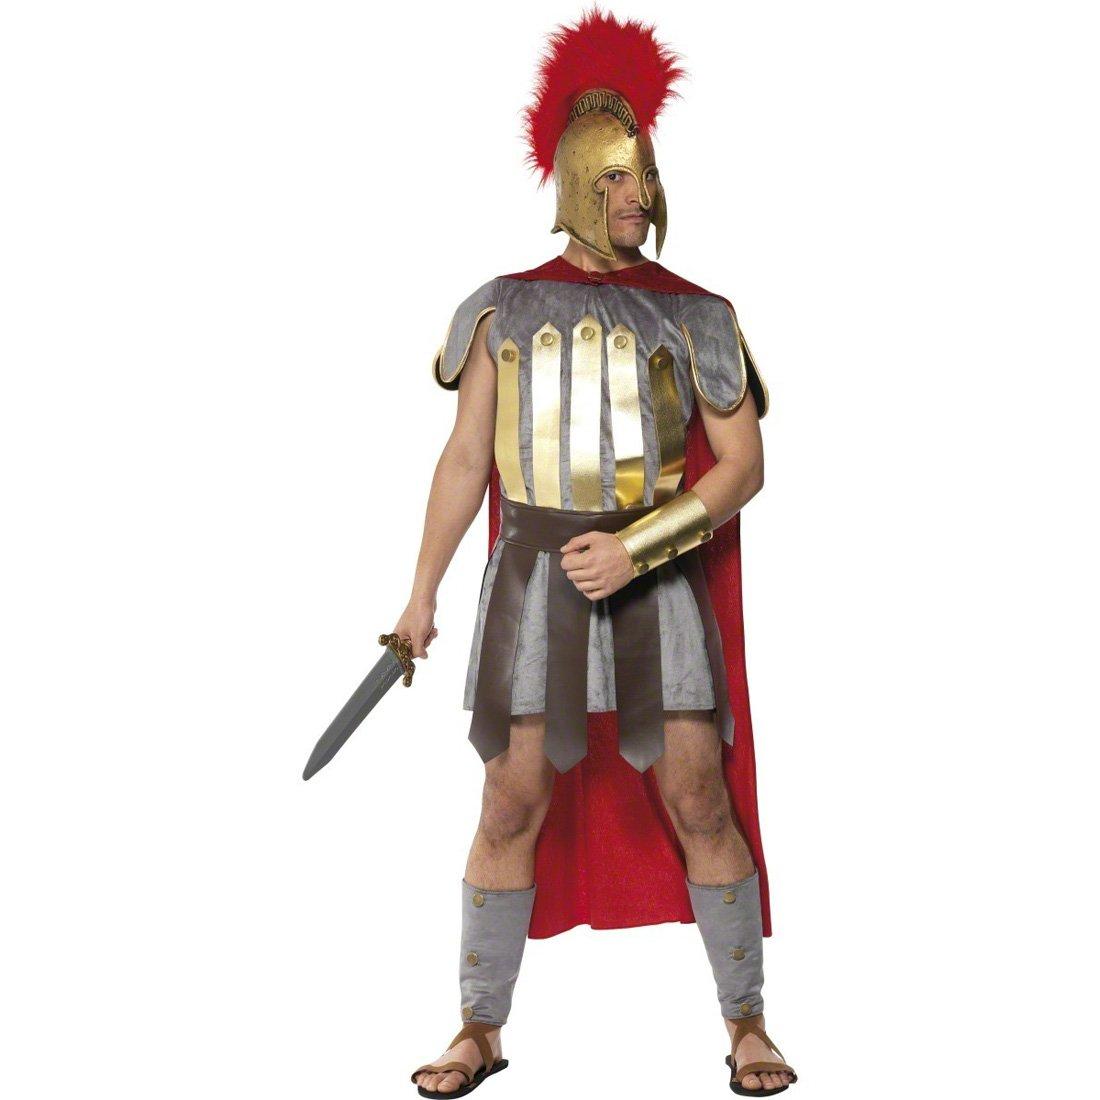 Disfraz de gladiador romano M 48/50 accesorio de disfraz de gladiador romano disfraz gladiador traje